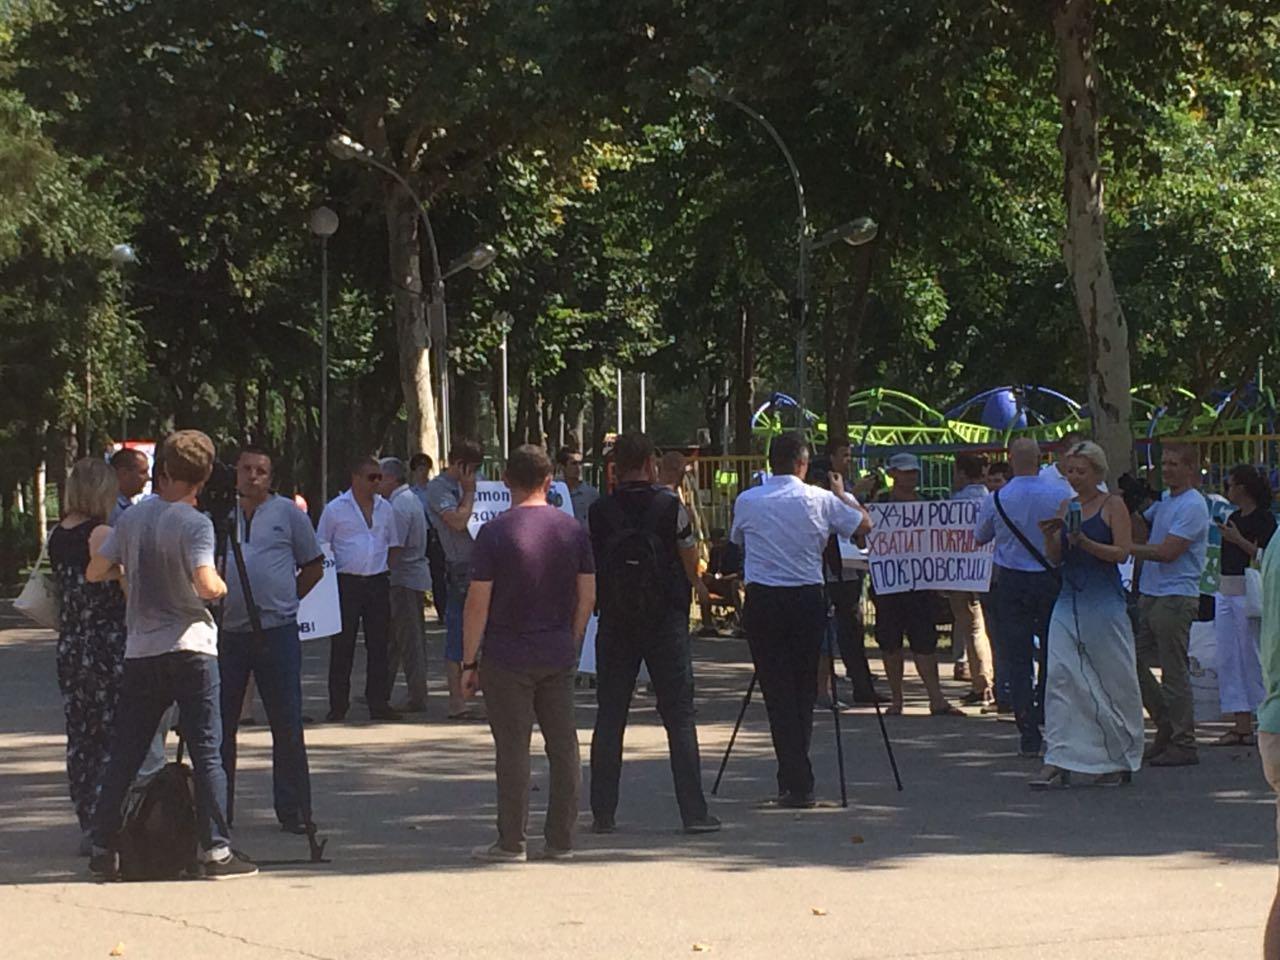 Пикет против рейдерских захватов земель агрохолдингом «Покровский» прошел в Краснодаре